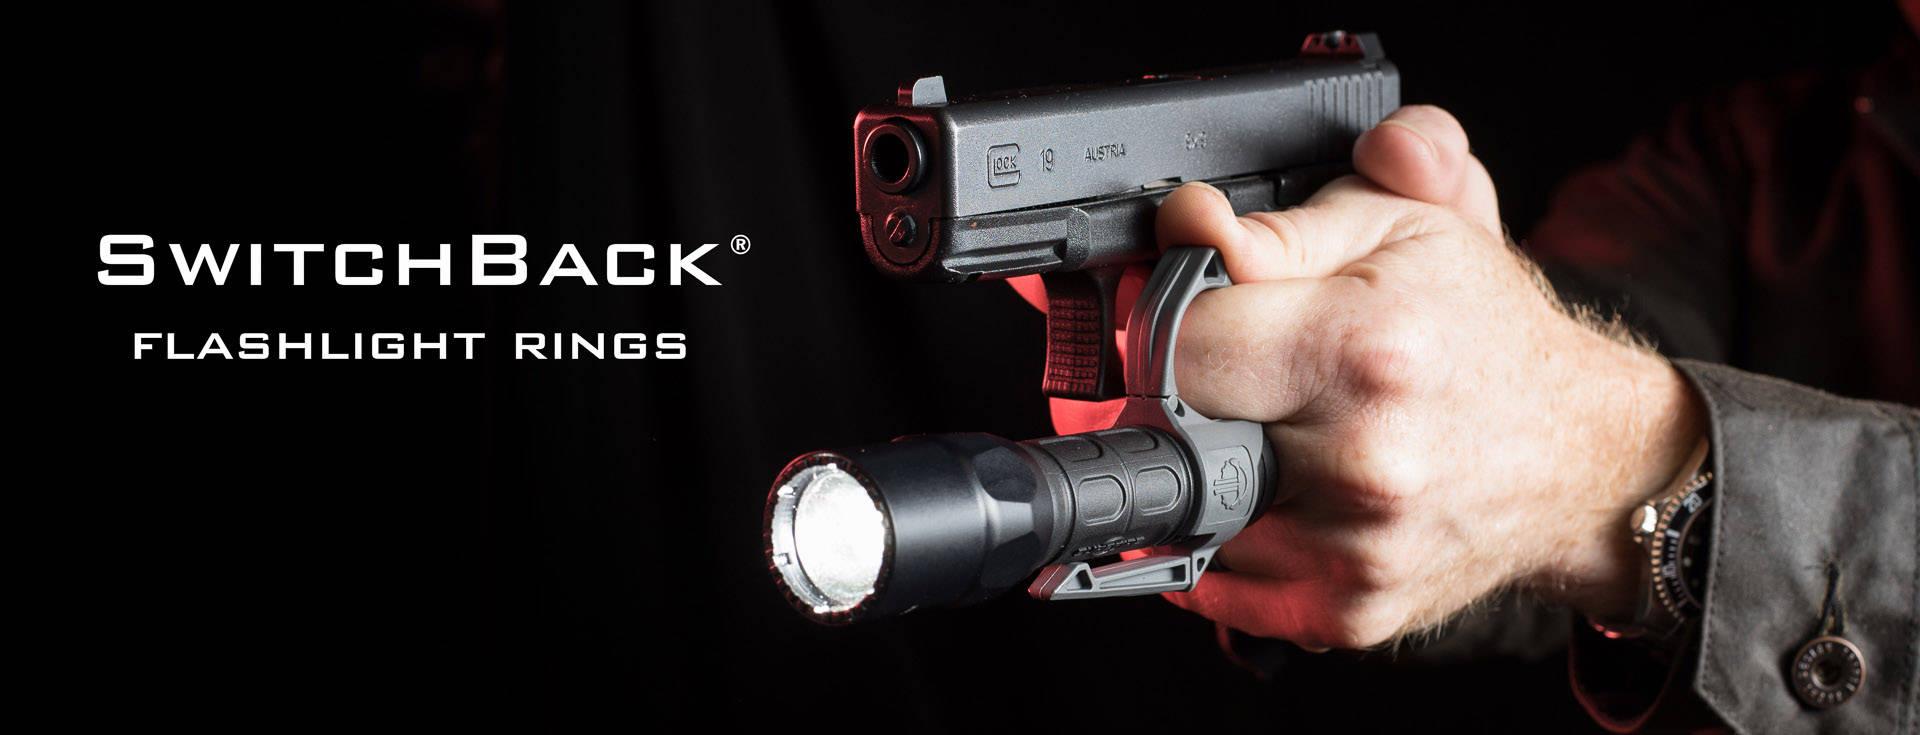 SwitchBack Flashlight Ring - THYRM